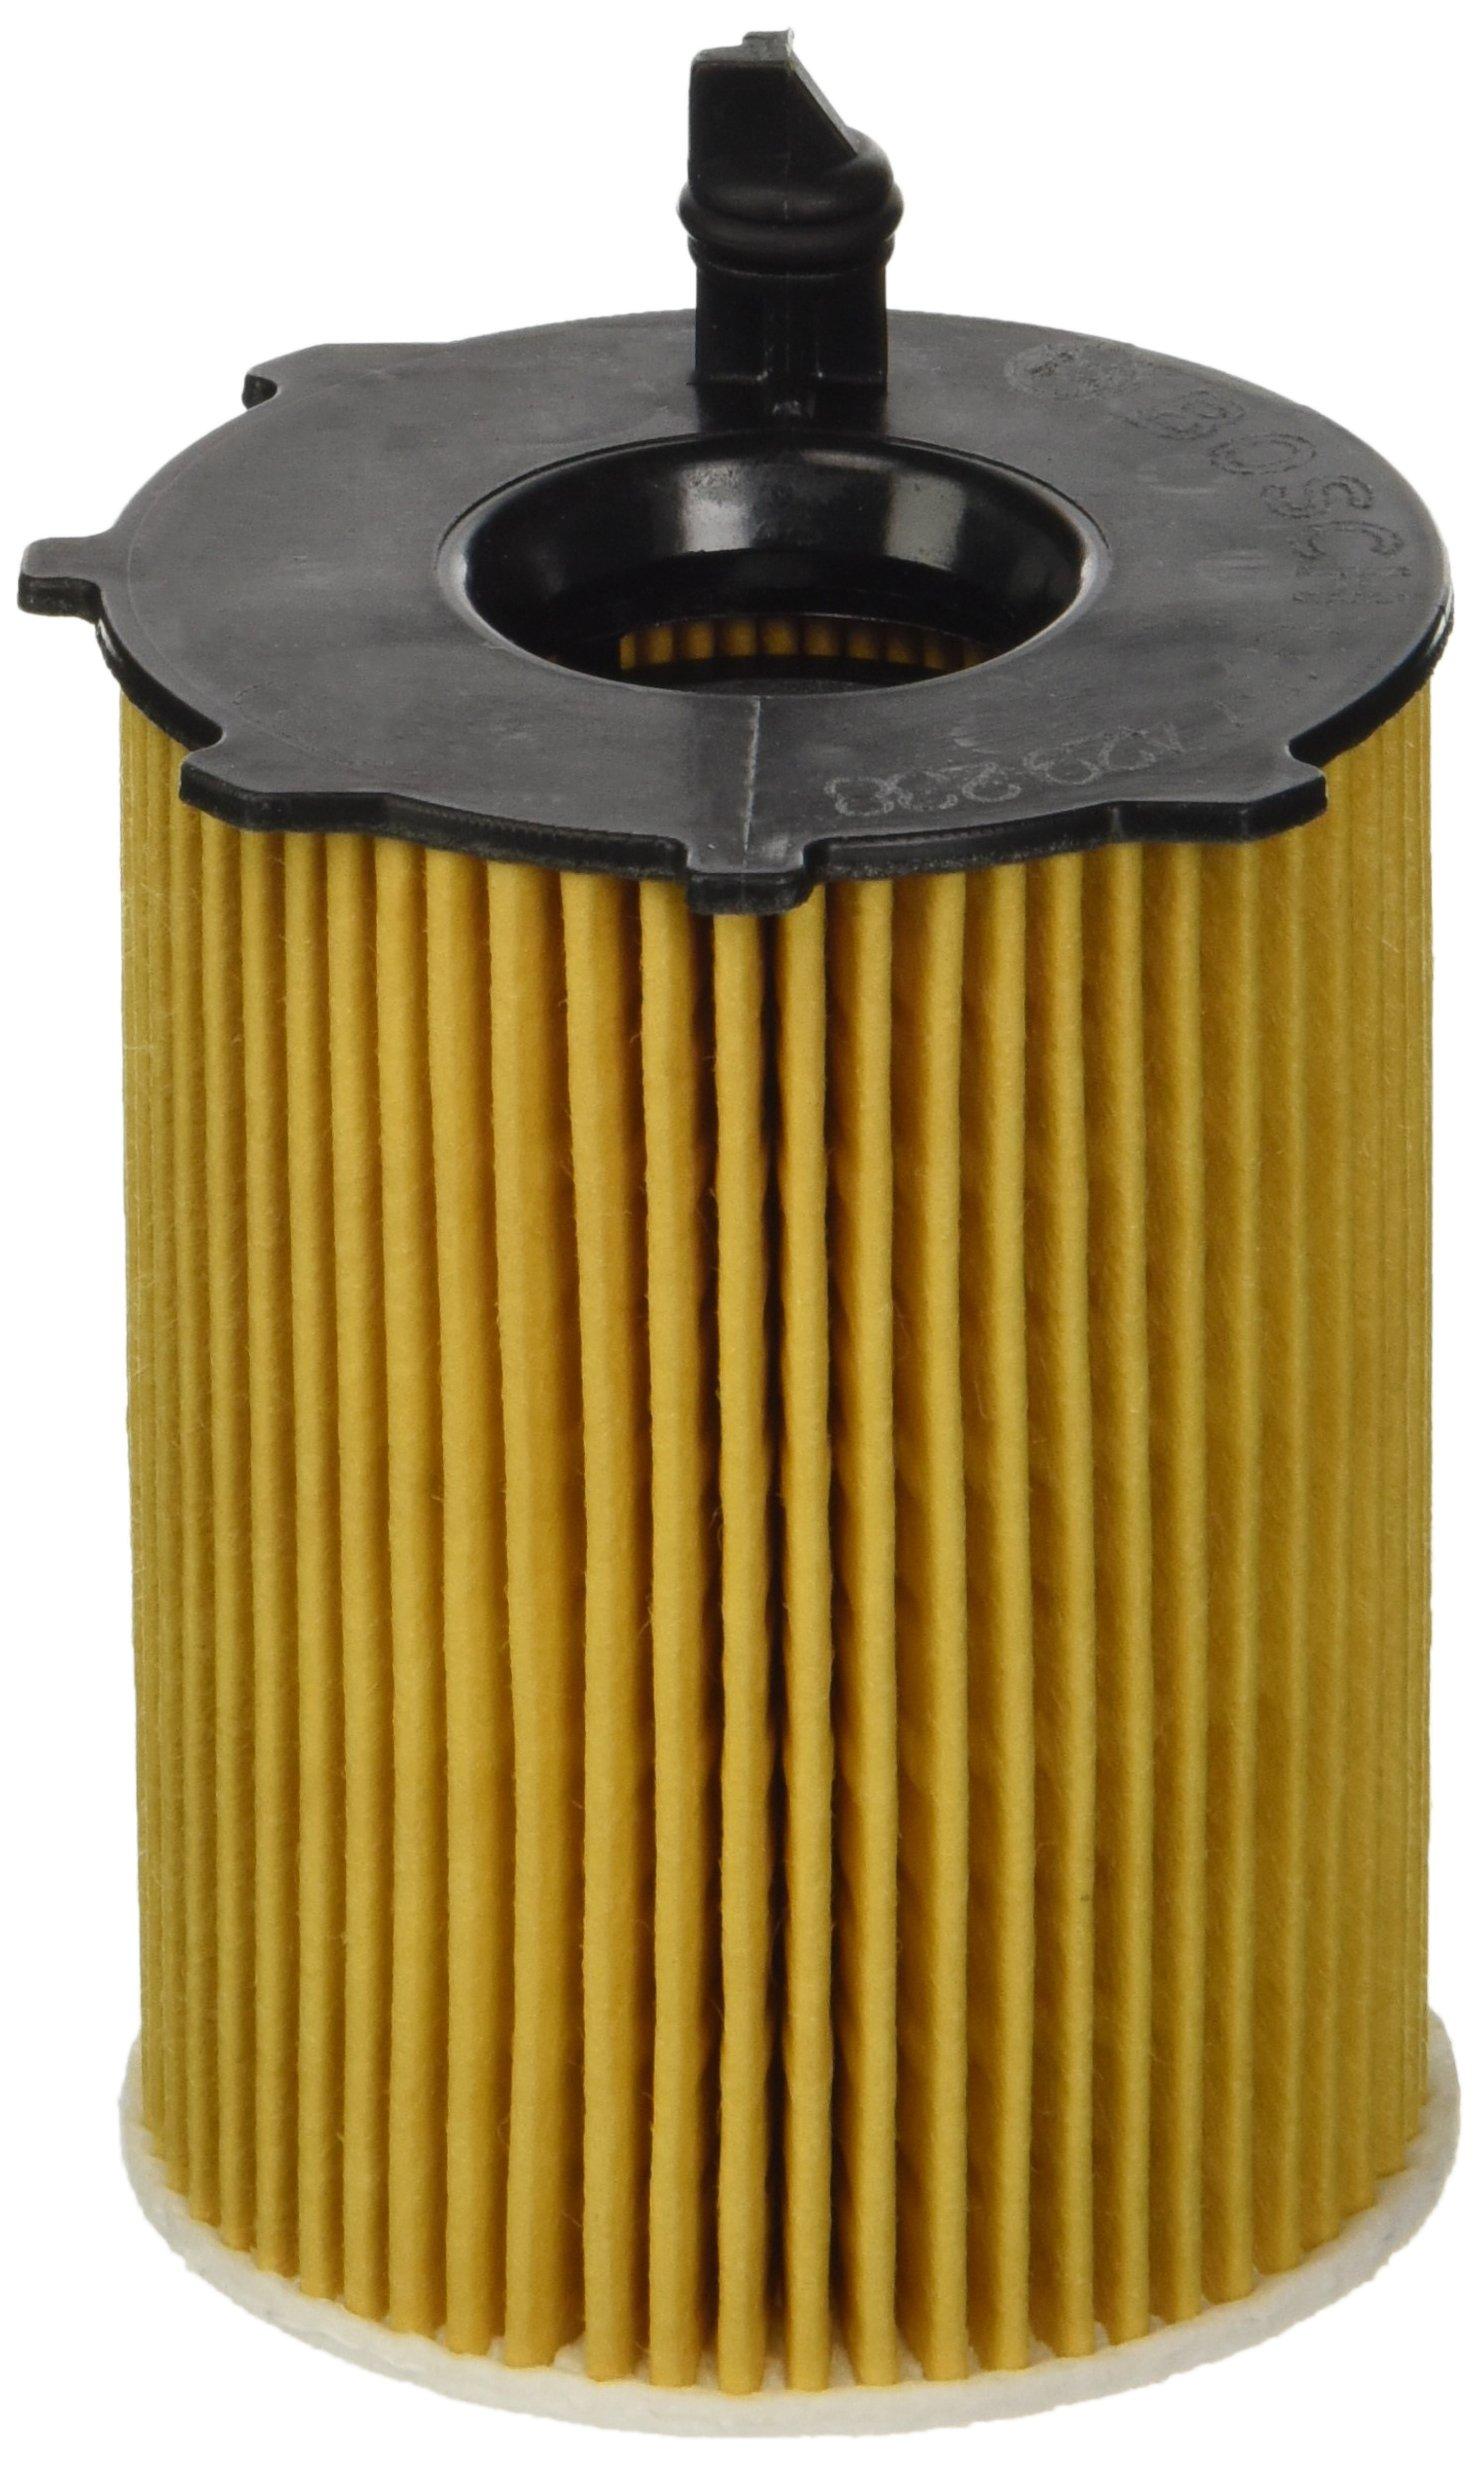 Bosch 1457429238 filtro de aceite product image